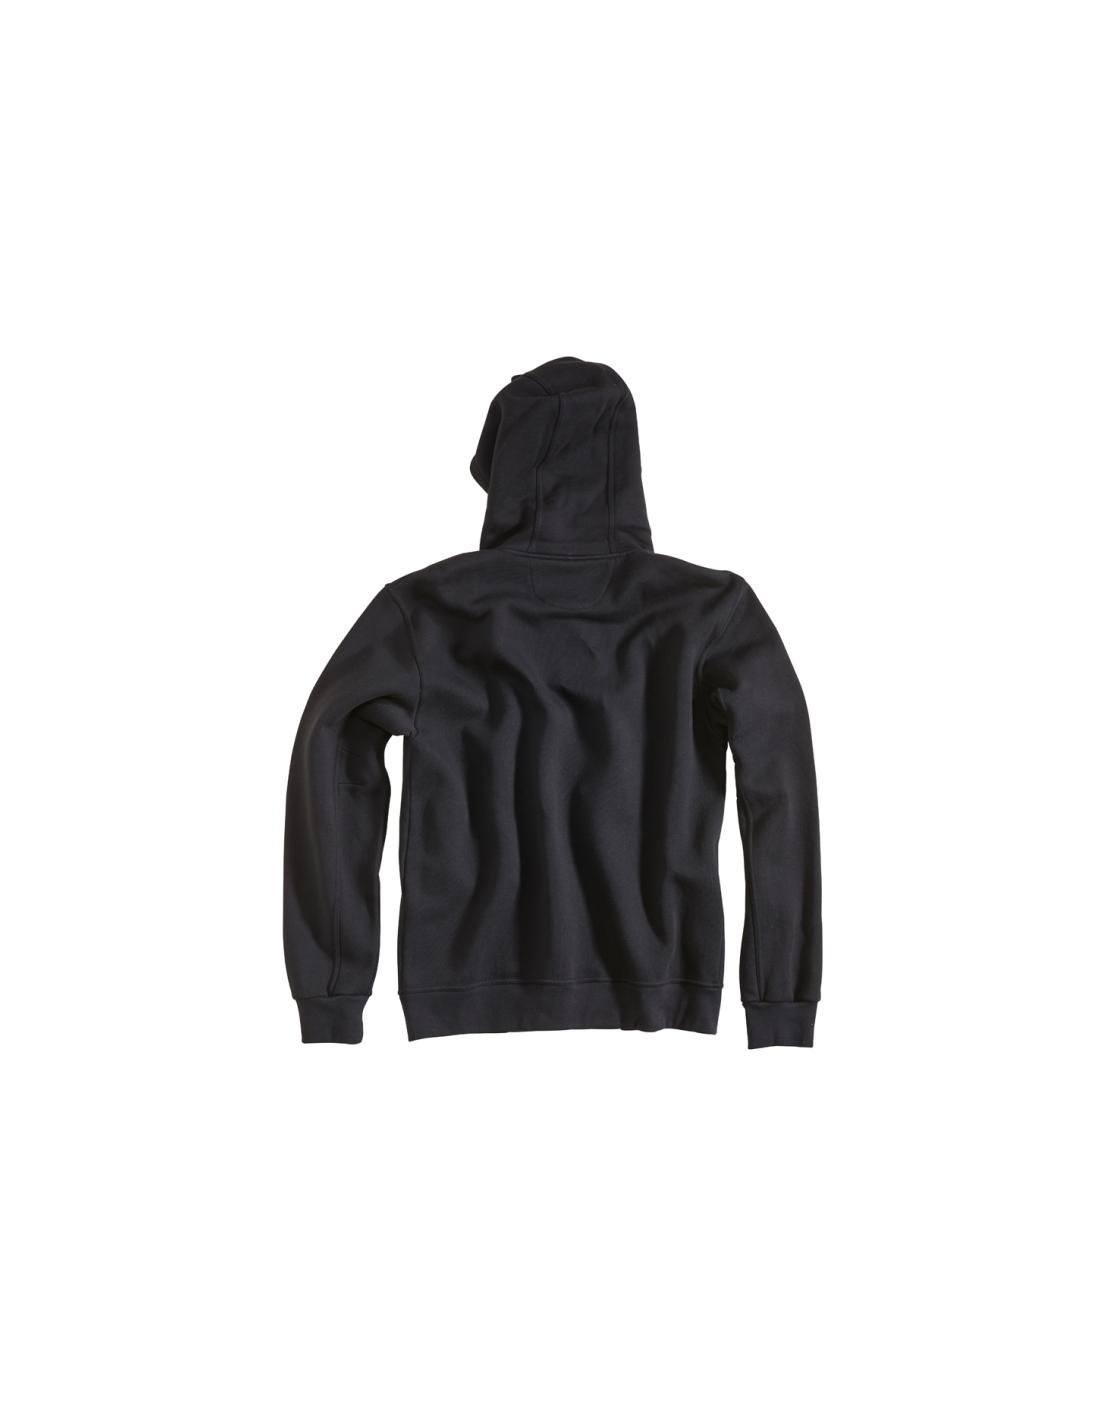 34501753123e36 Rokker Zip Hoodie - Motors Black. Next